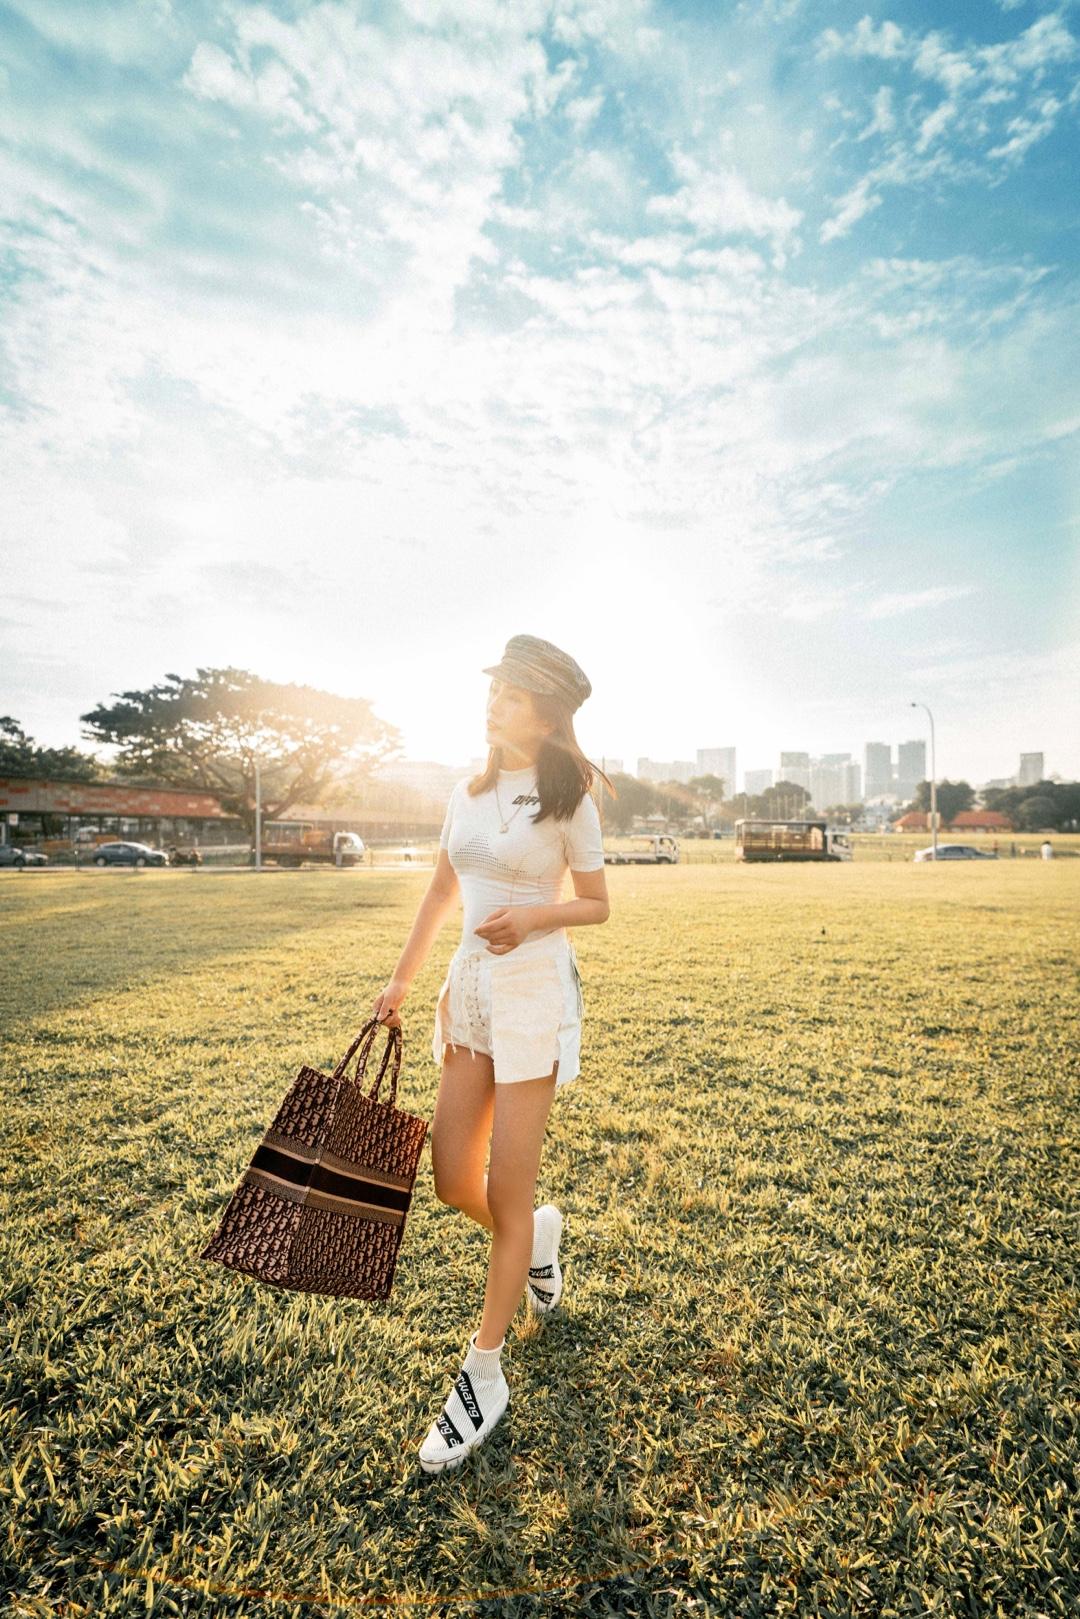 #Nikkislook# 好天气+好心情=一组美美的大片!🌞🌞夏日福利,超唯美的逆光照搞起来~